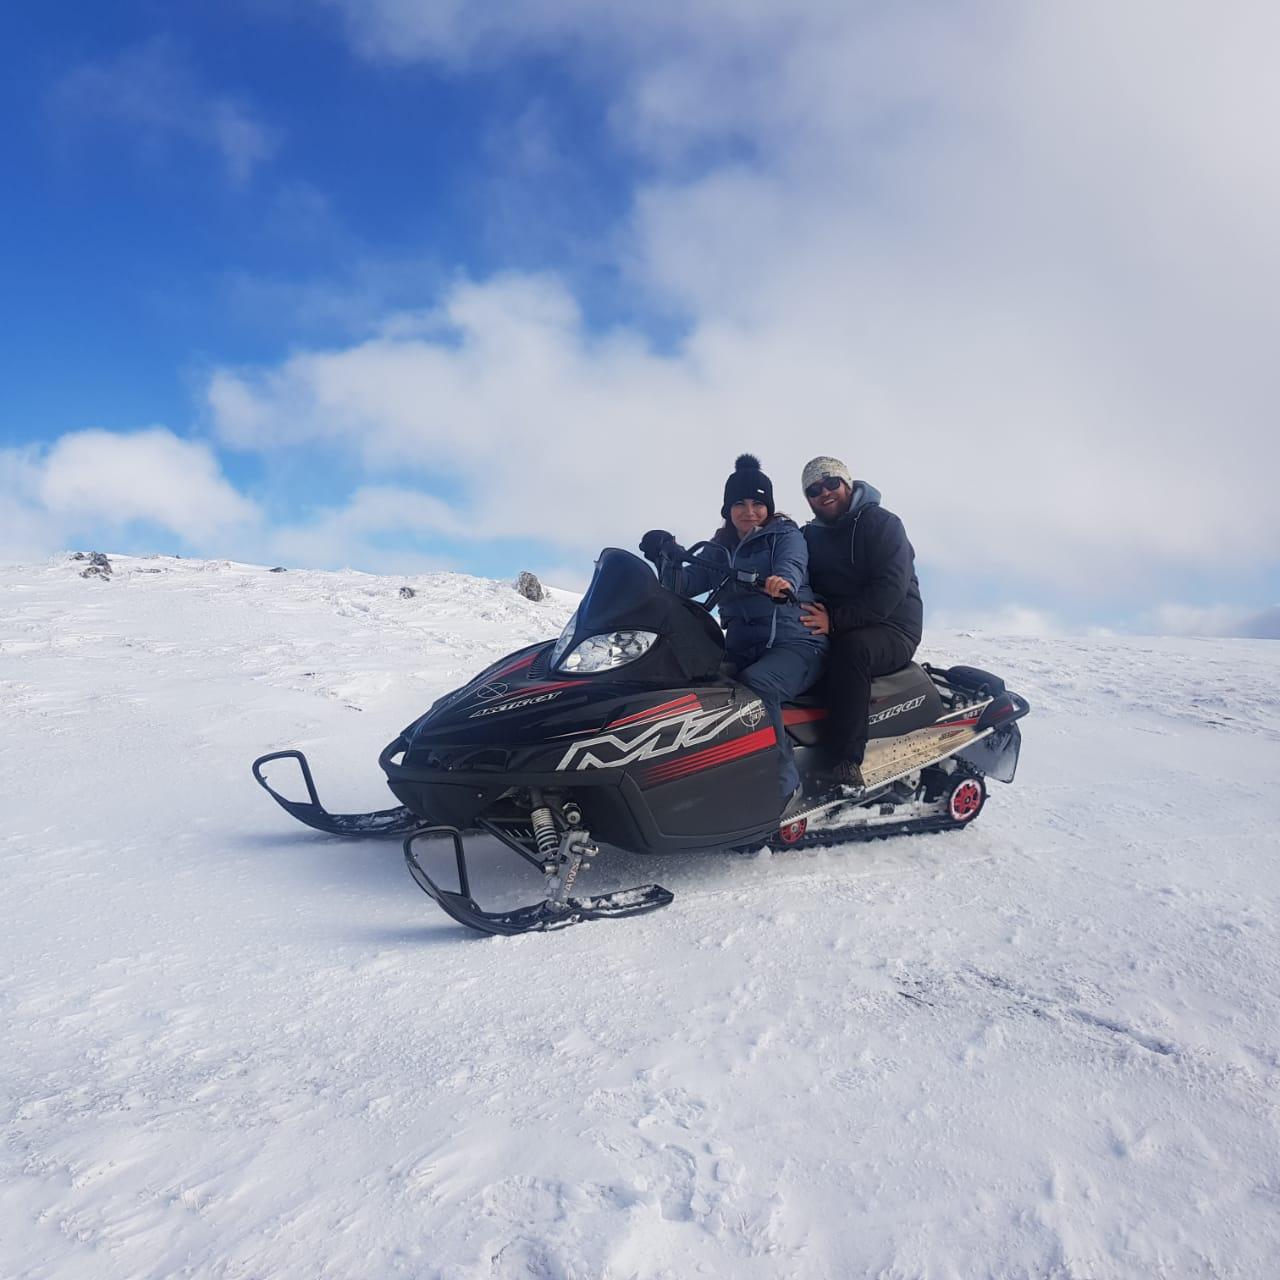 Reserva ahora tu moto de nieve en www.MotodeNieve.com con antelación y no pierdas la posibilidad de hacer una ruta en motos de nieve por un entorno único en el pirineo Andorrano.